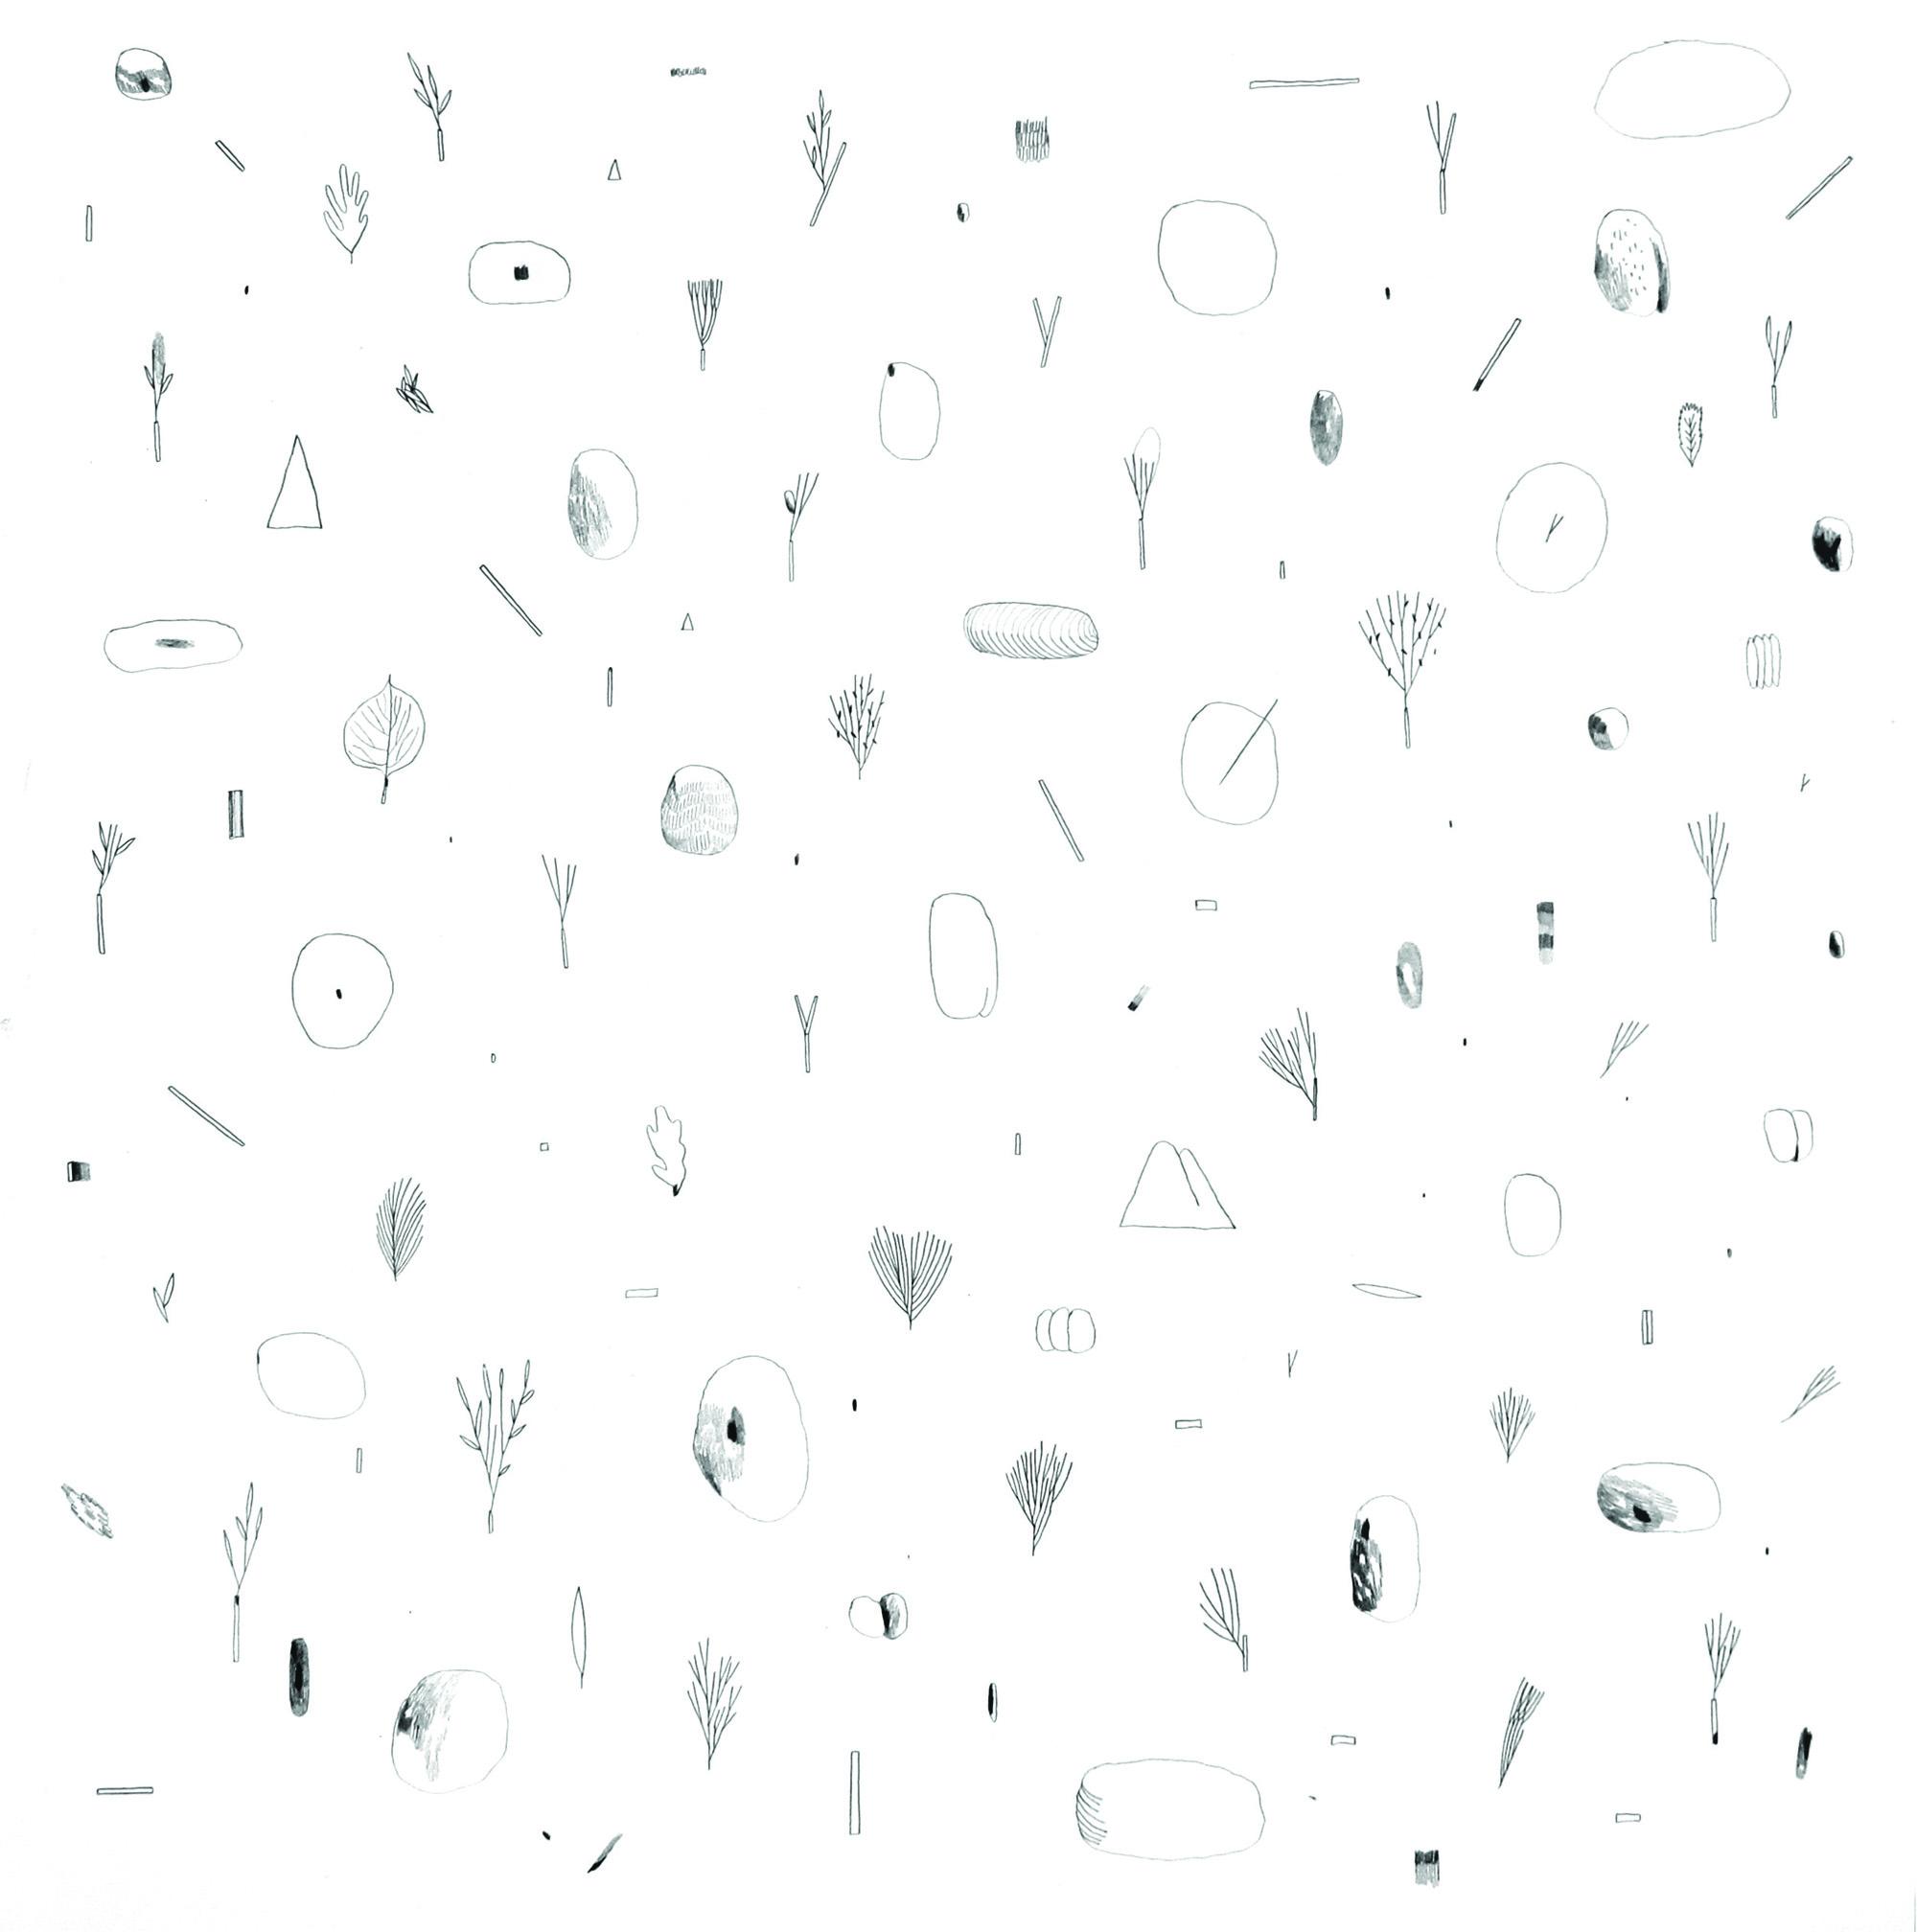 tellas-this-quiet-harsh-land-at-mini-galerie-recap-10